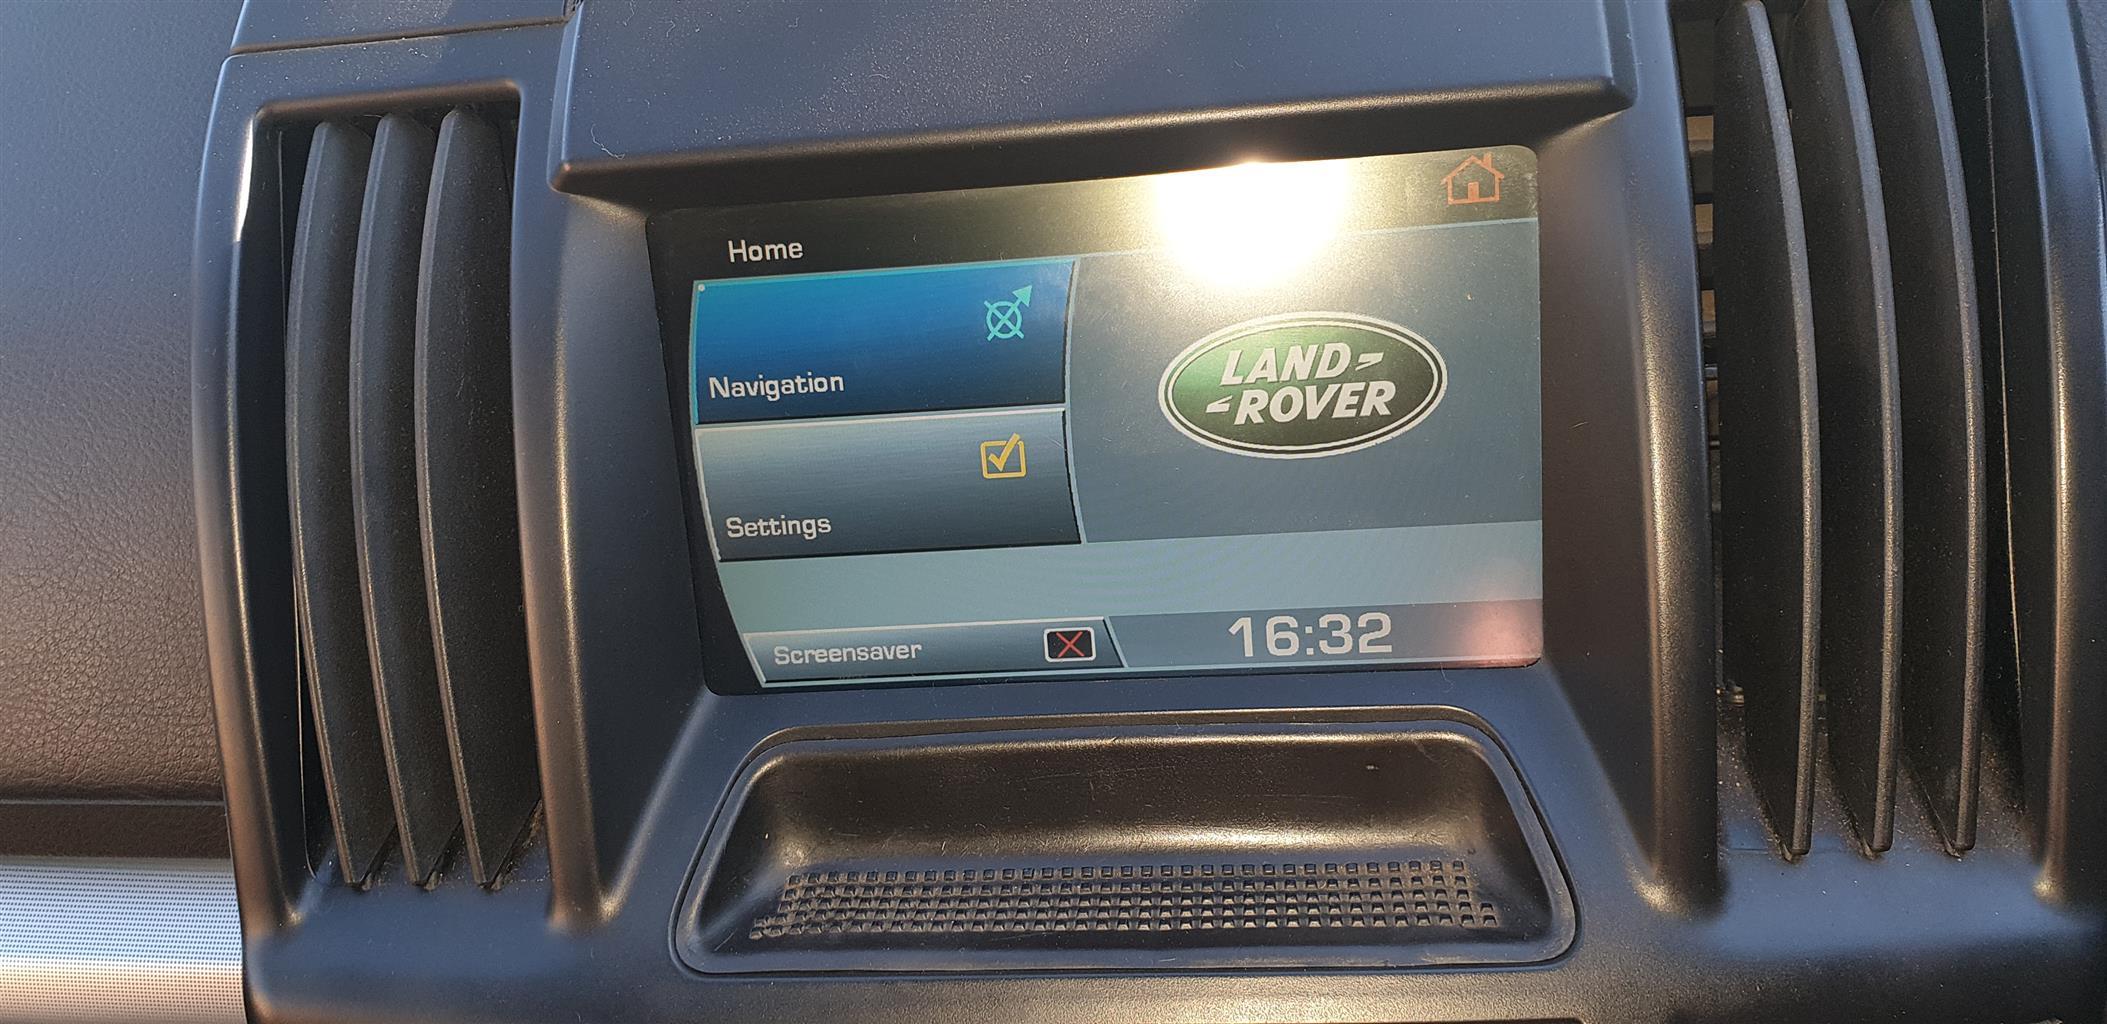 2008 Land Rover Freelander 2 i6 HSE